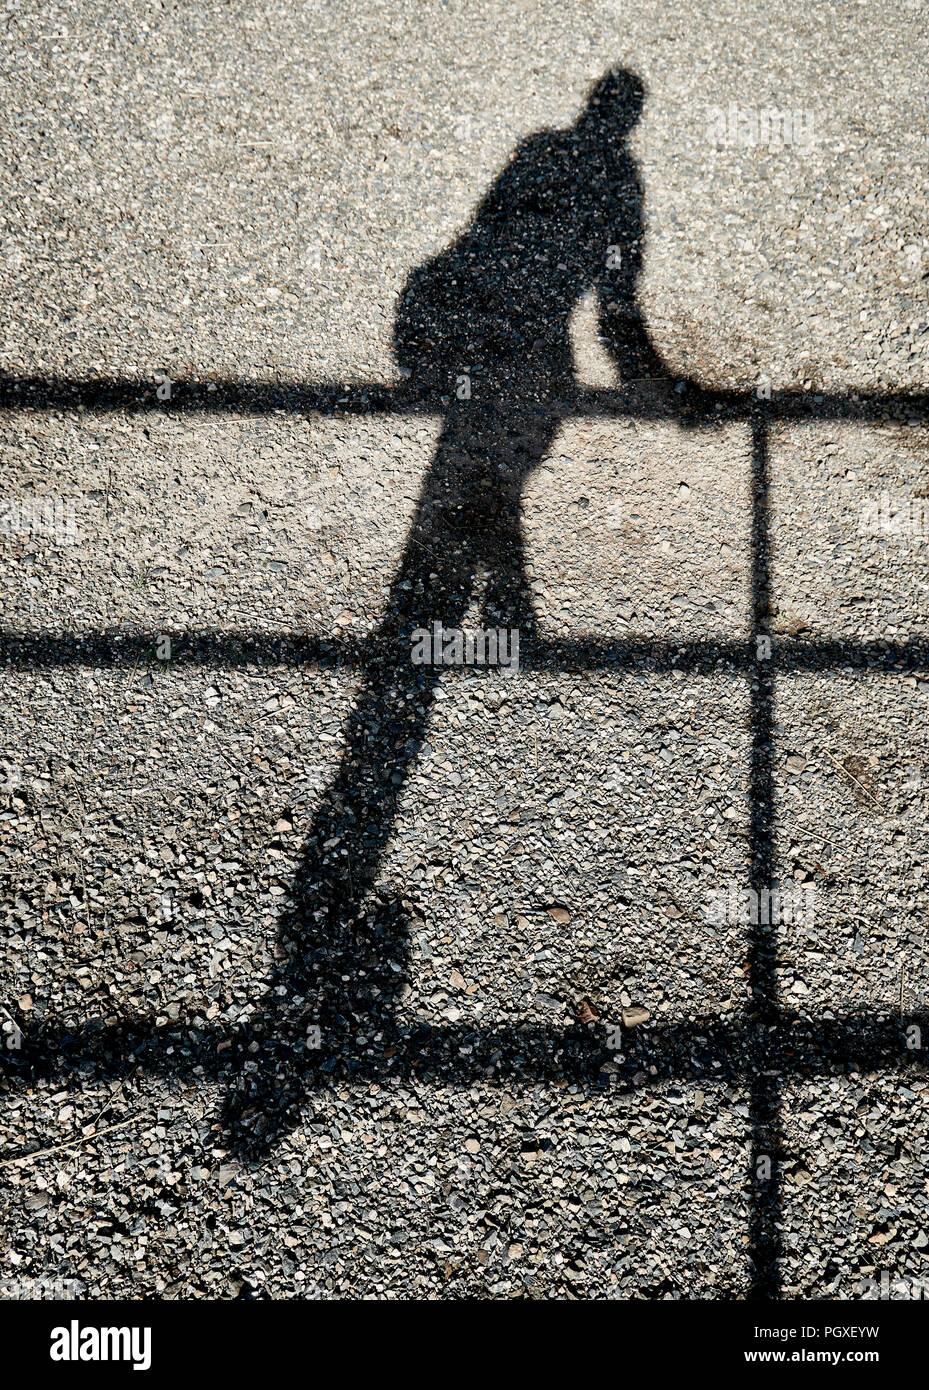 Sombra de una persona subiendo una valla Foto de stock